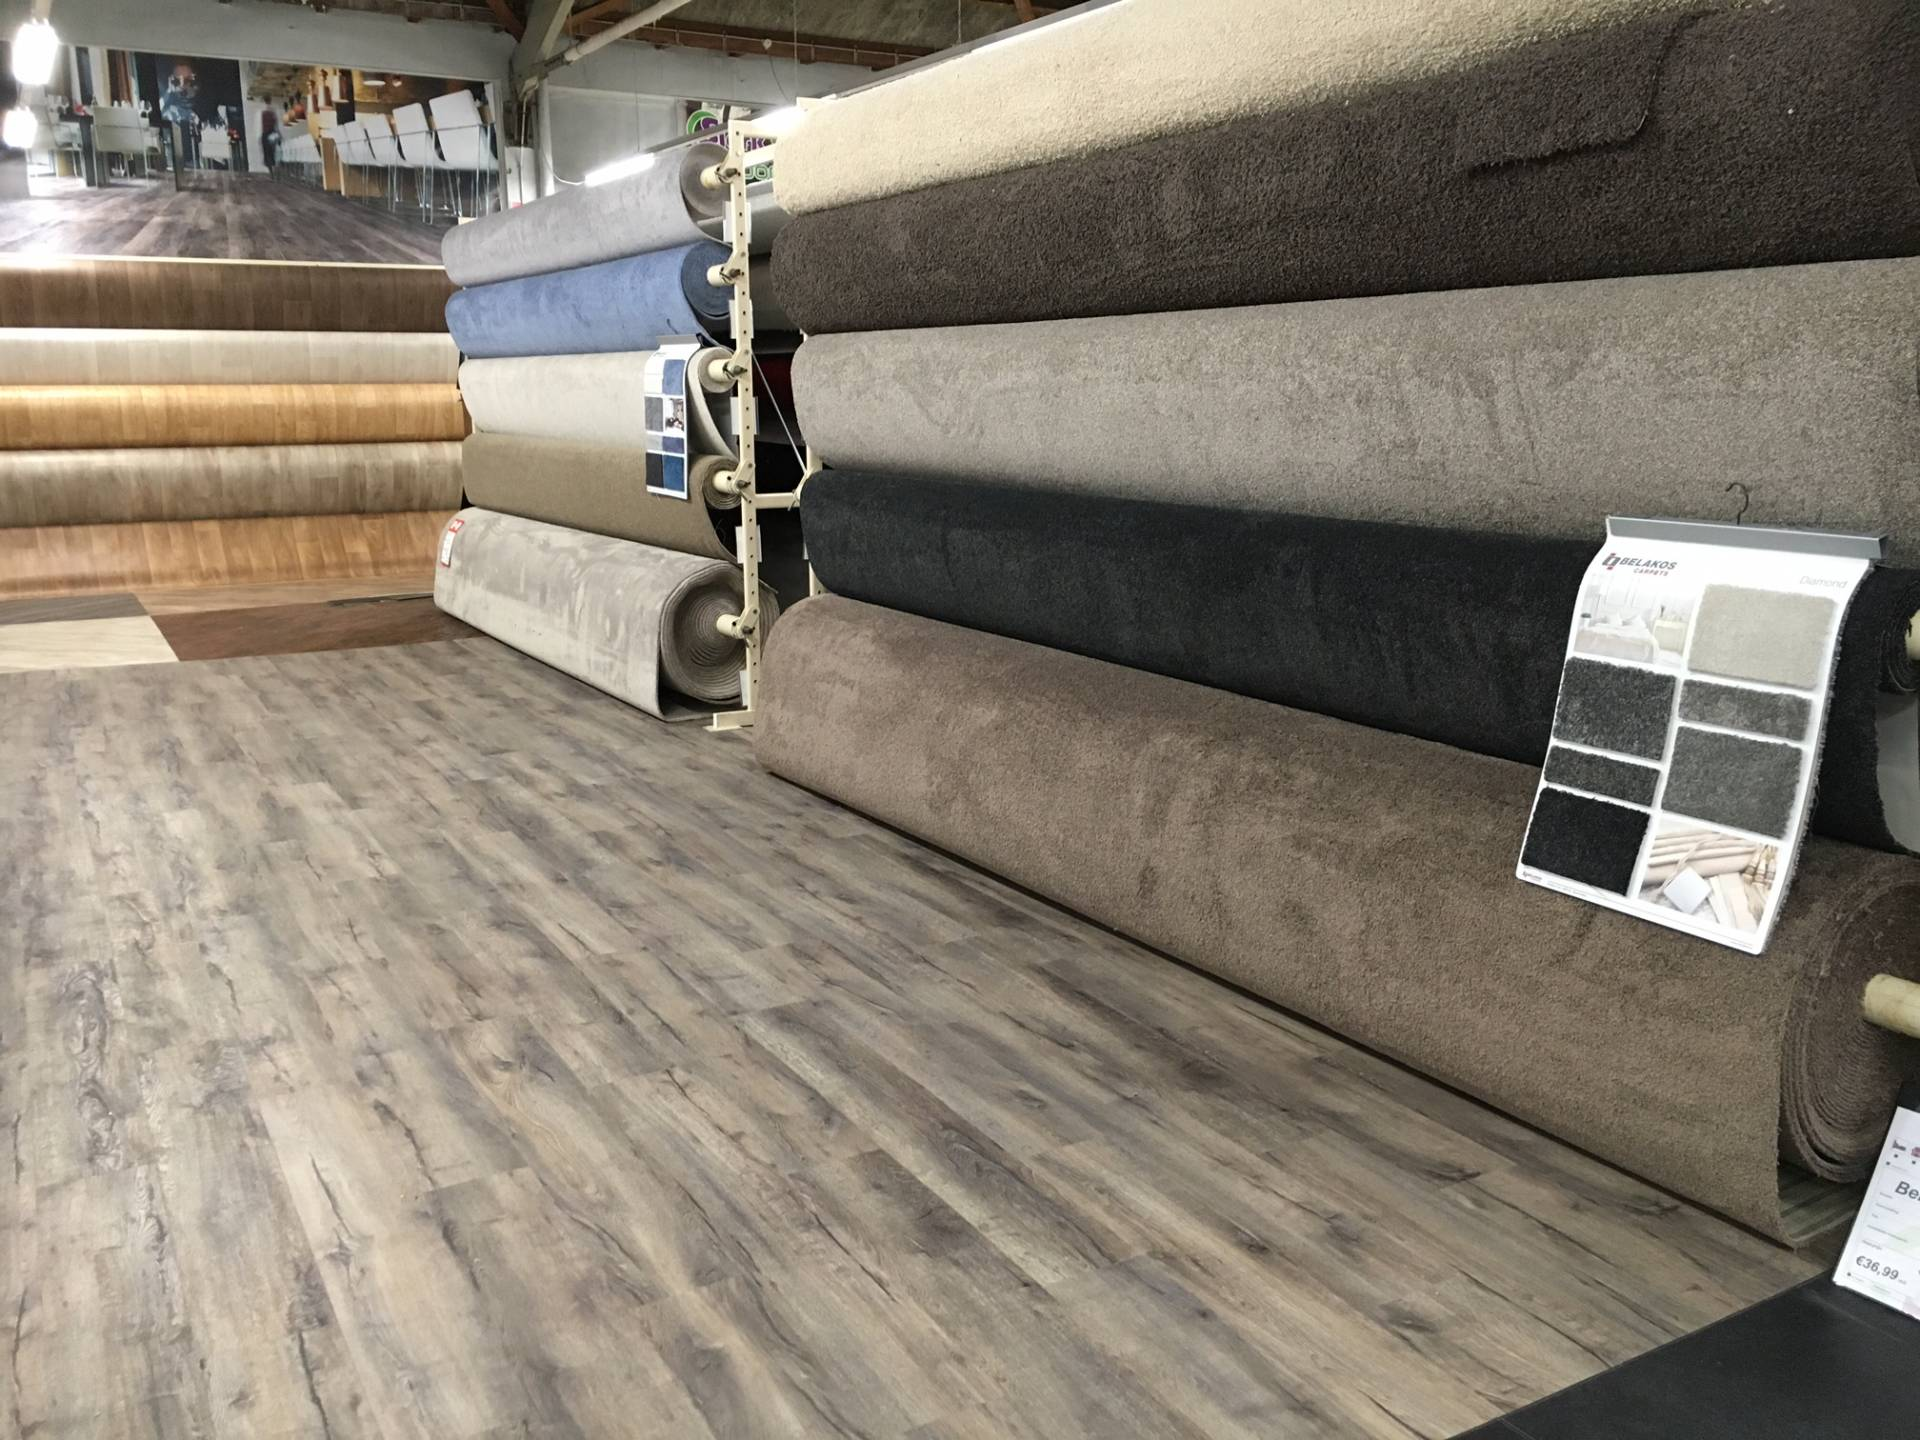 Tapijt Outlet Wierden : Kamerbreed tapijt · sjerk slagmolen